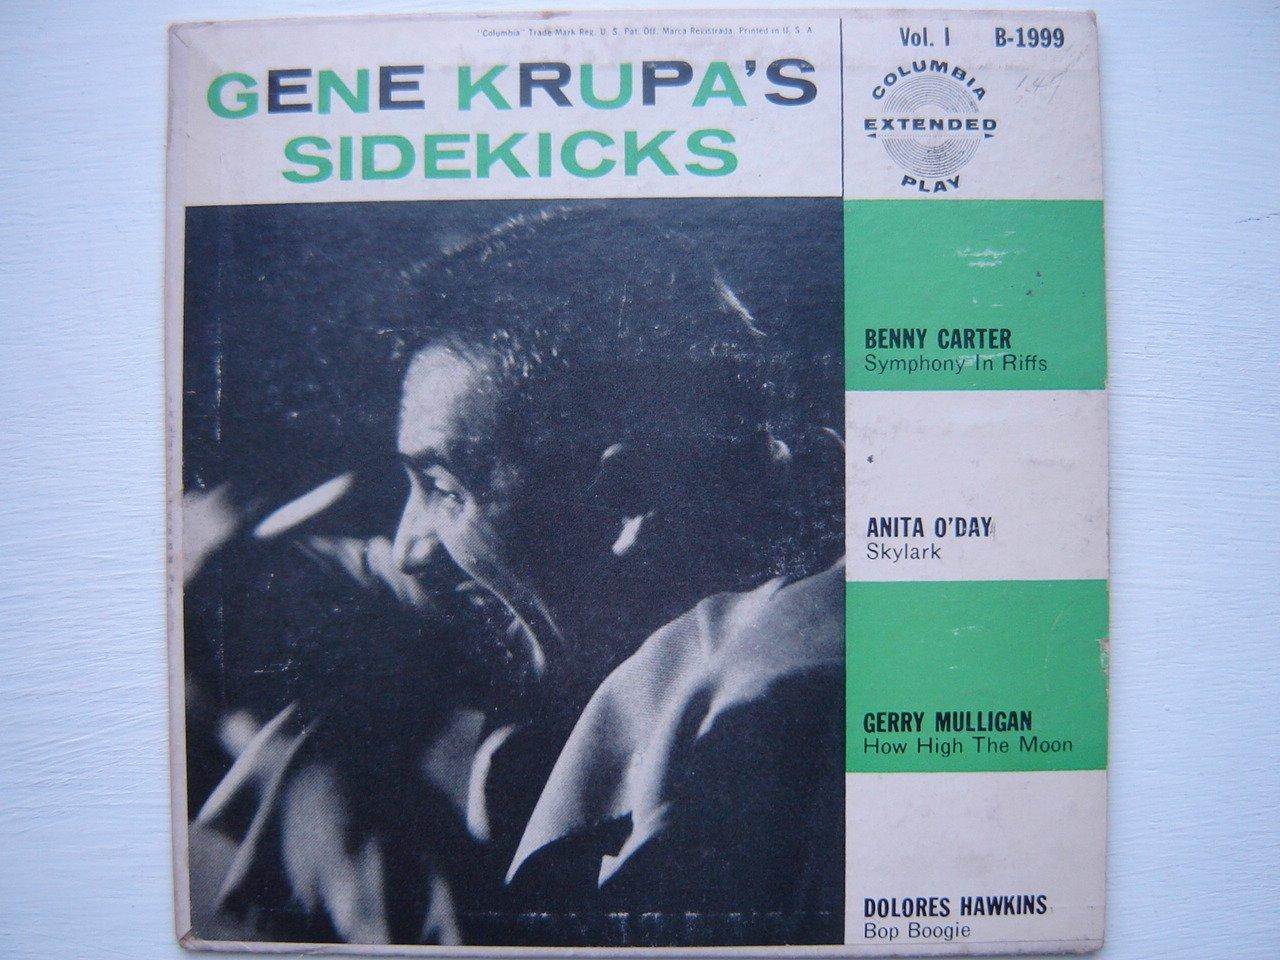 Gene Krupa's Sidekicks